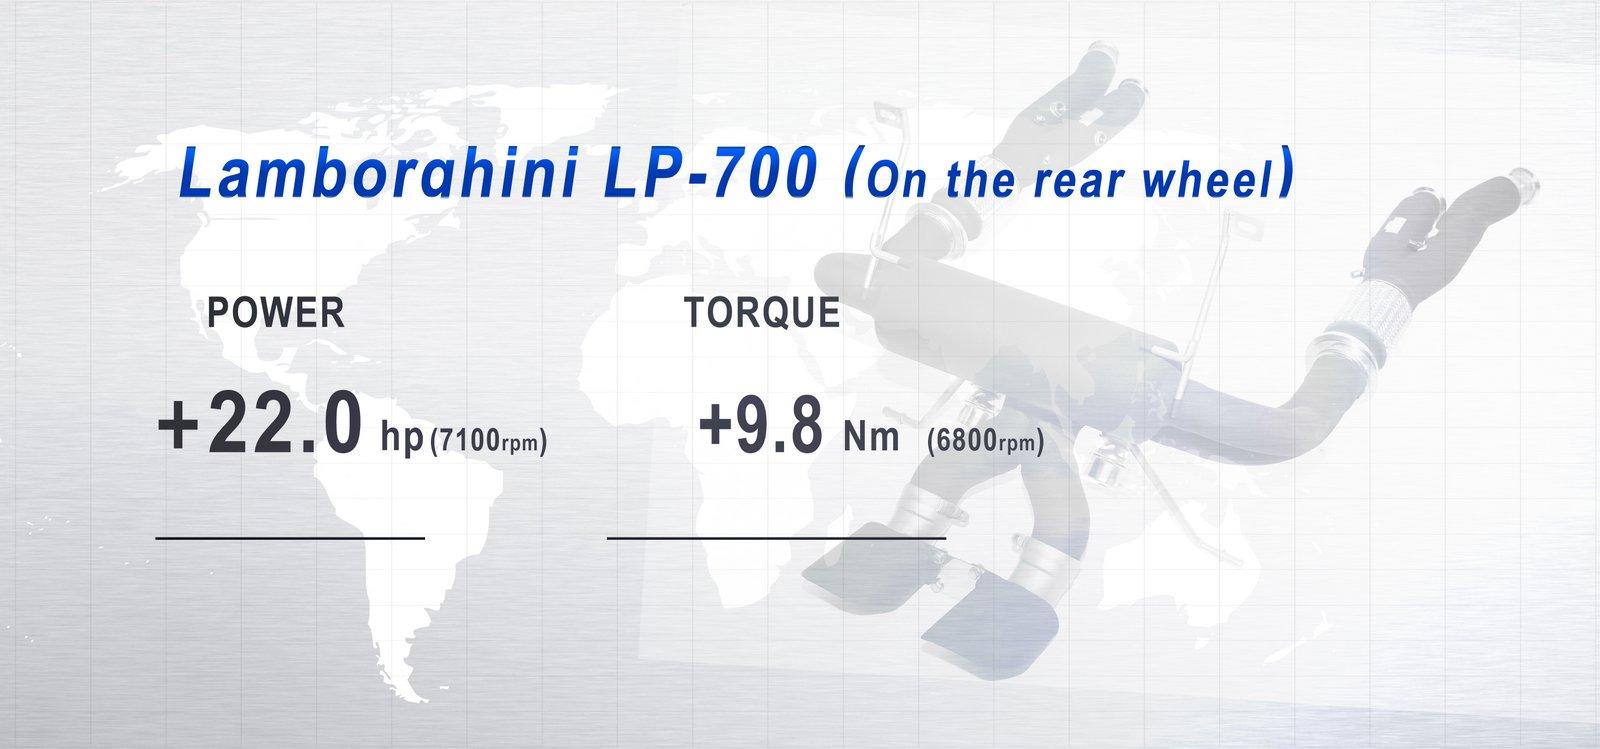 iPE Lamborghini Aventador LP700-4 Exhaust Gains